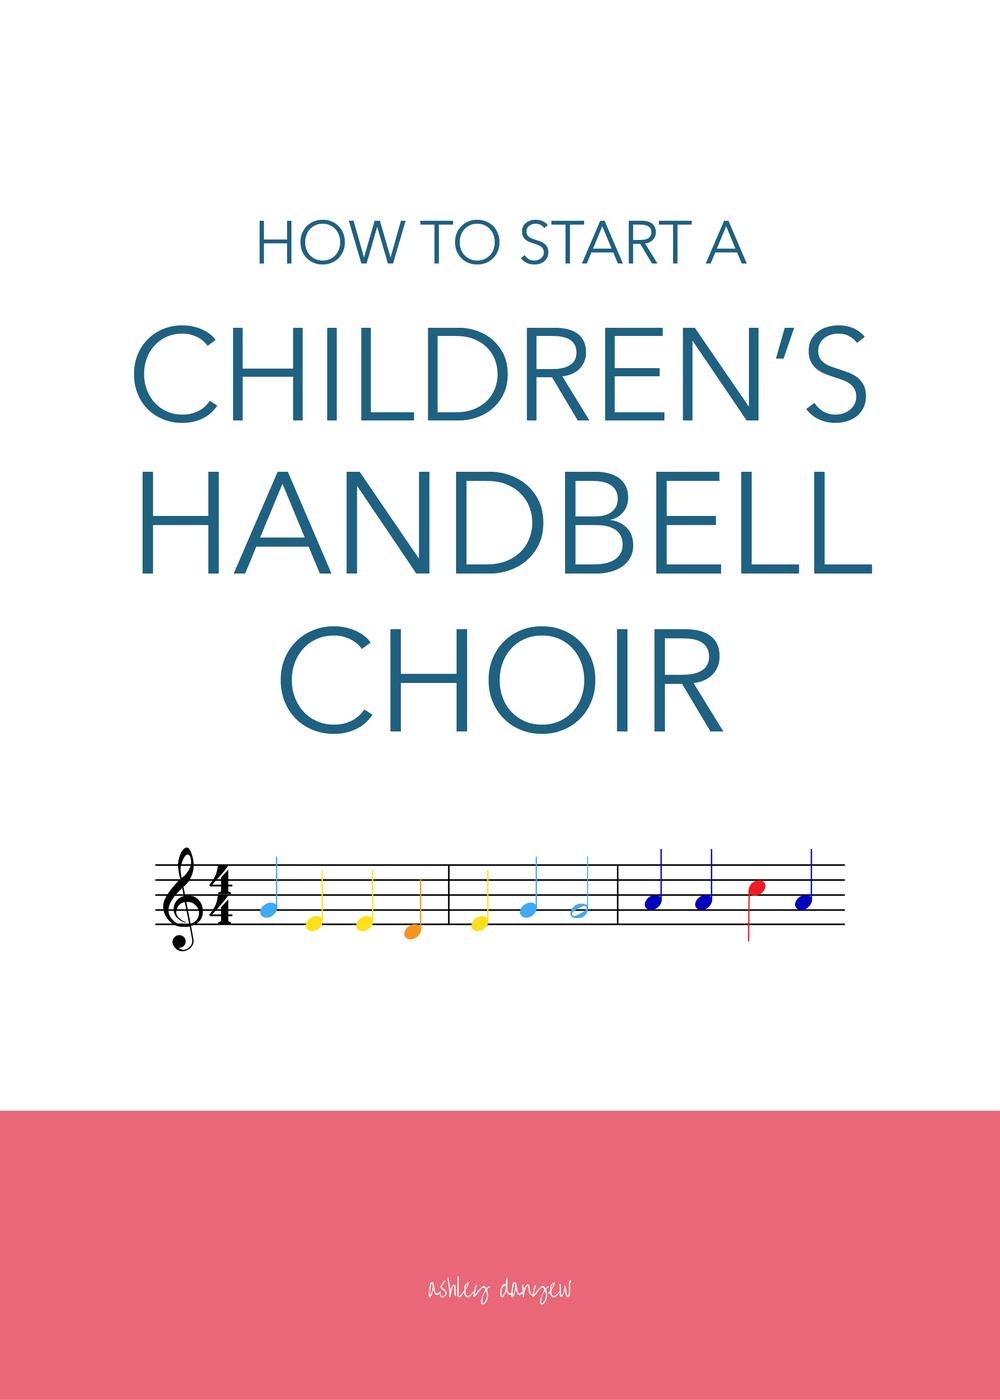 Copy of How to Start a Children's Handbell Choir